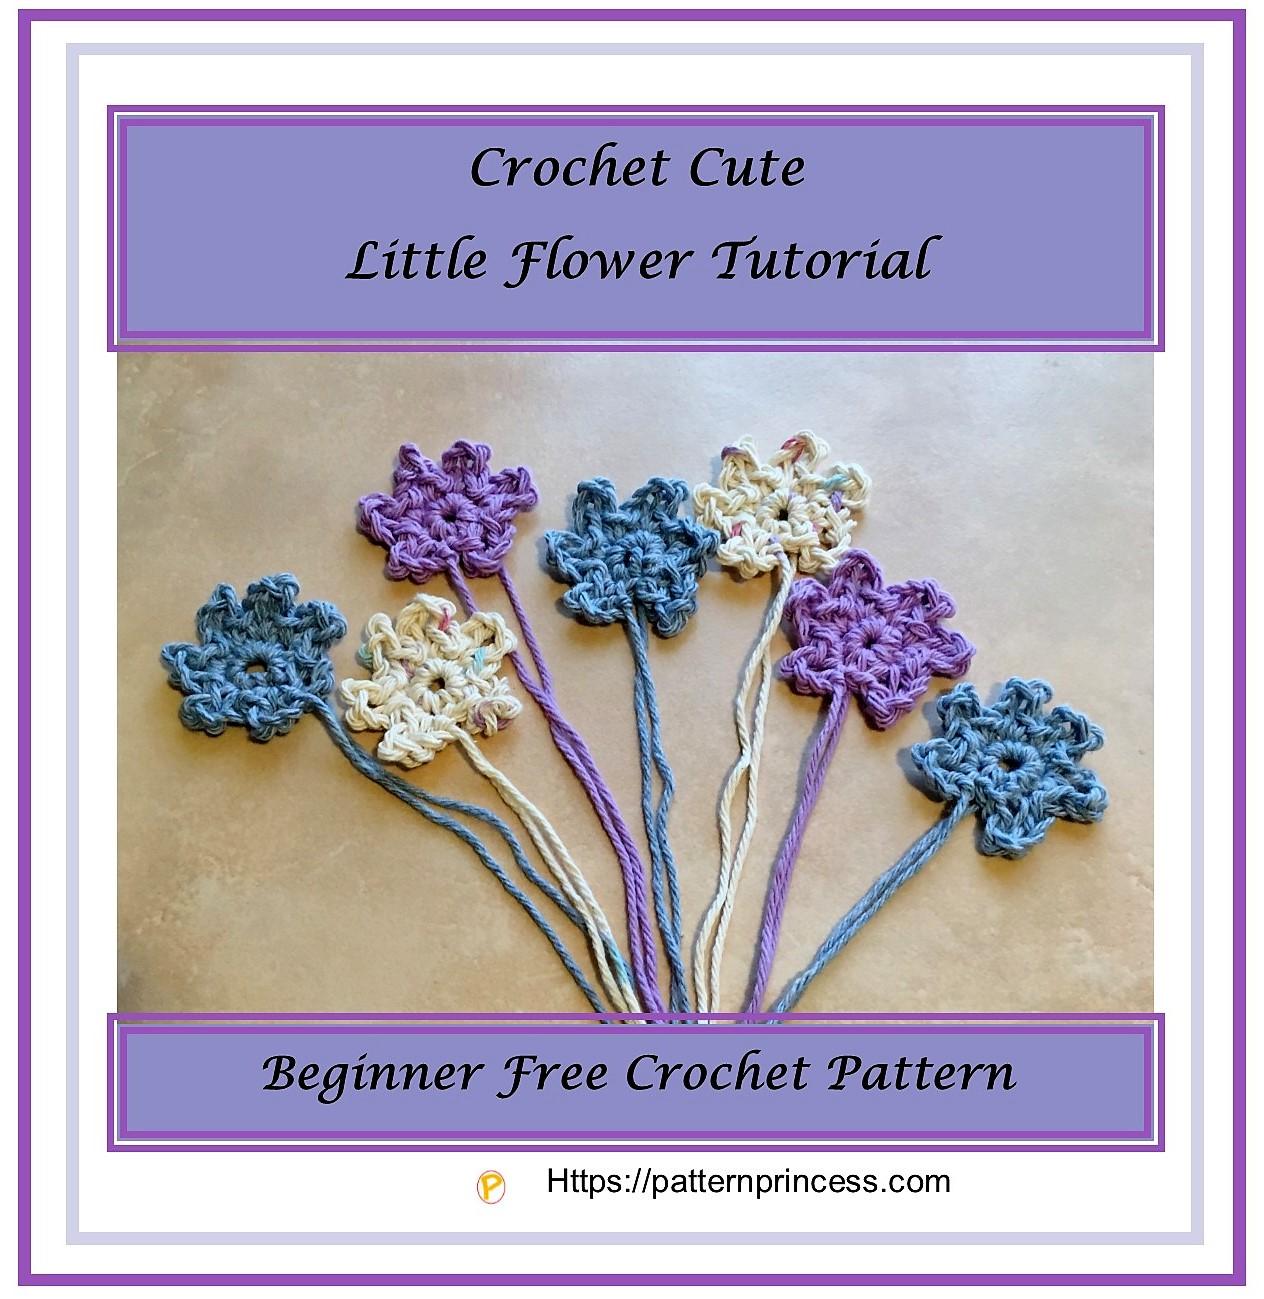 Crochet Cute Little Flower Tutorial 1